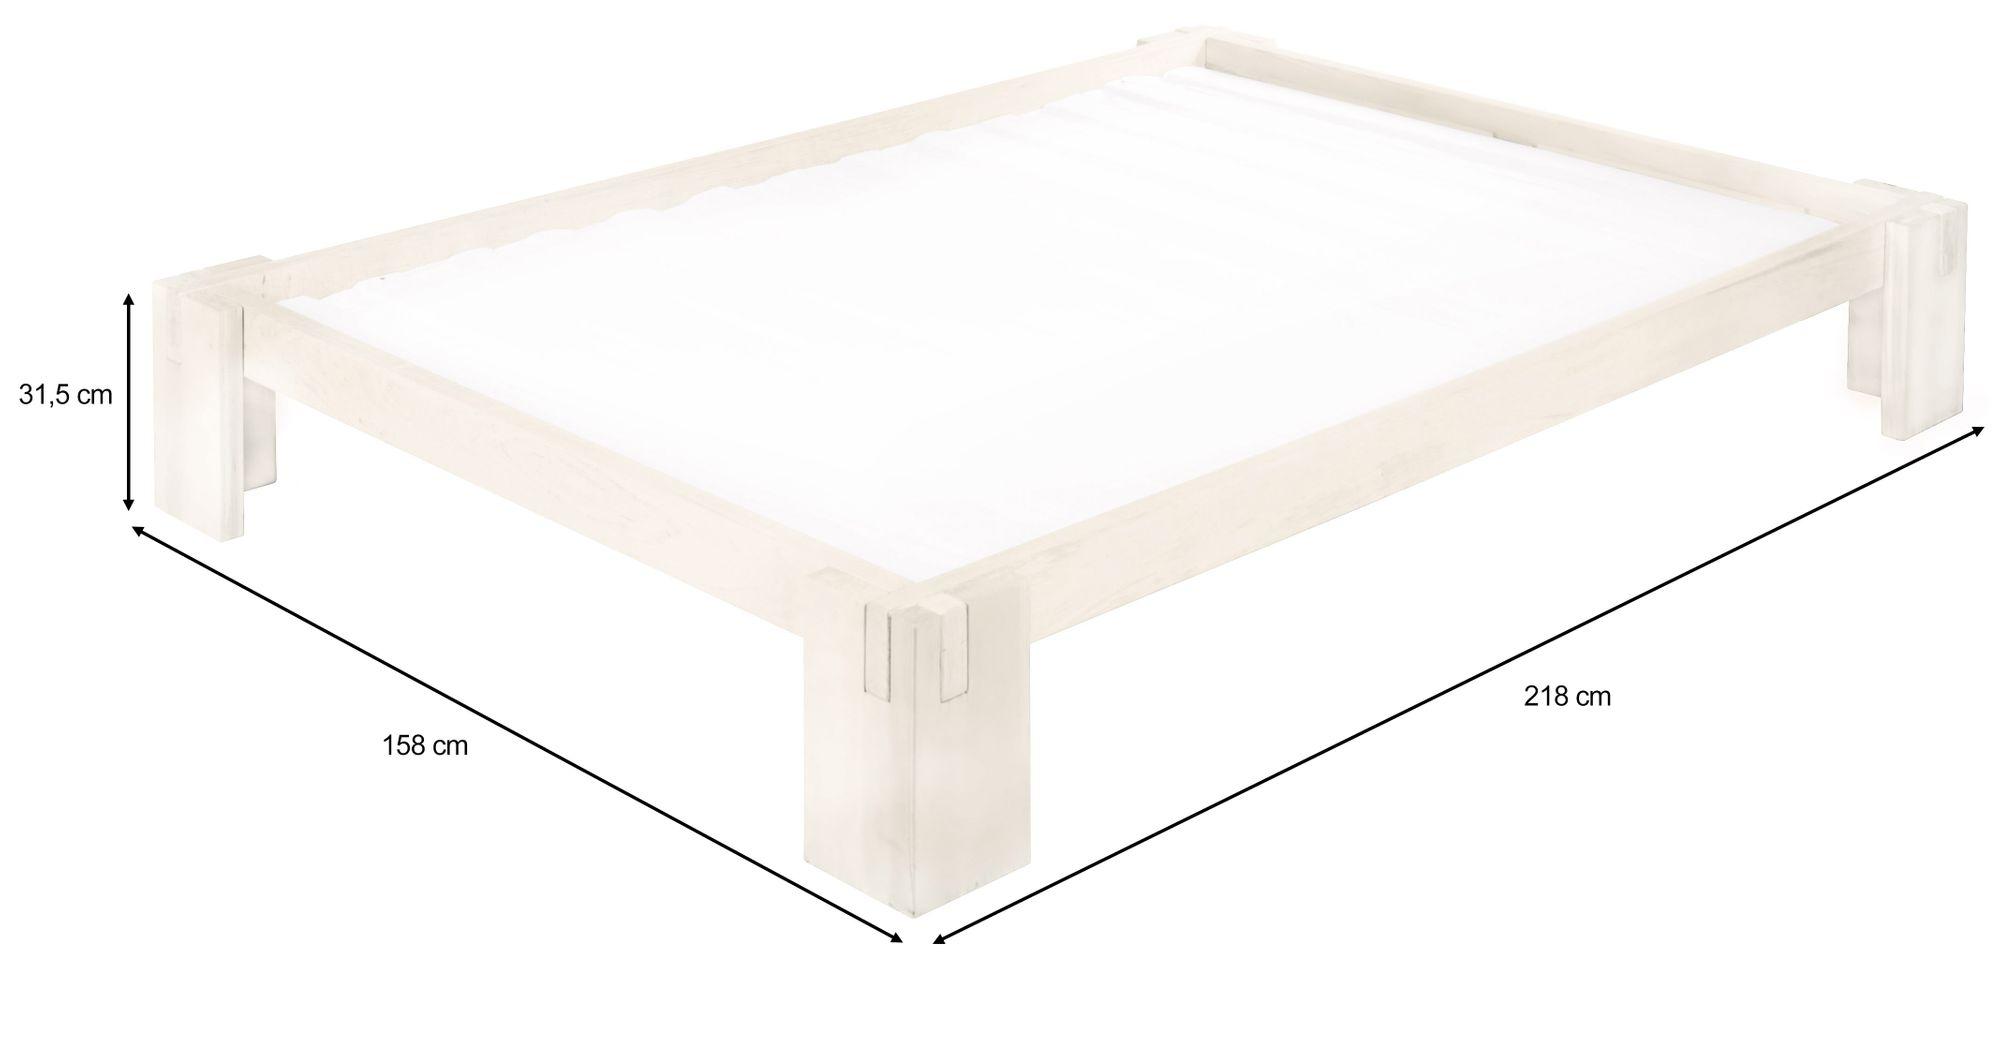 Full Size of Biodario Bett 140x200 Cm Kiefer Wei Lasiert Dänisches Bettenlager Badezimmer Außergewöhnliche Betten Mit Bettkasten 90x200 Luxus Sofa überlänge Bett Bett 140 X 200